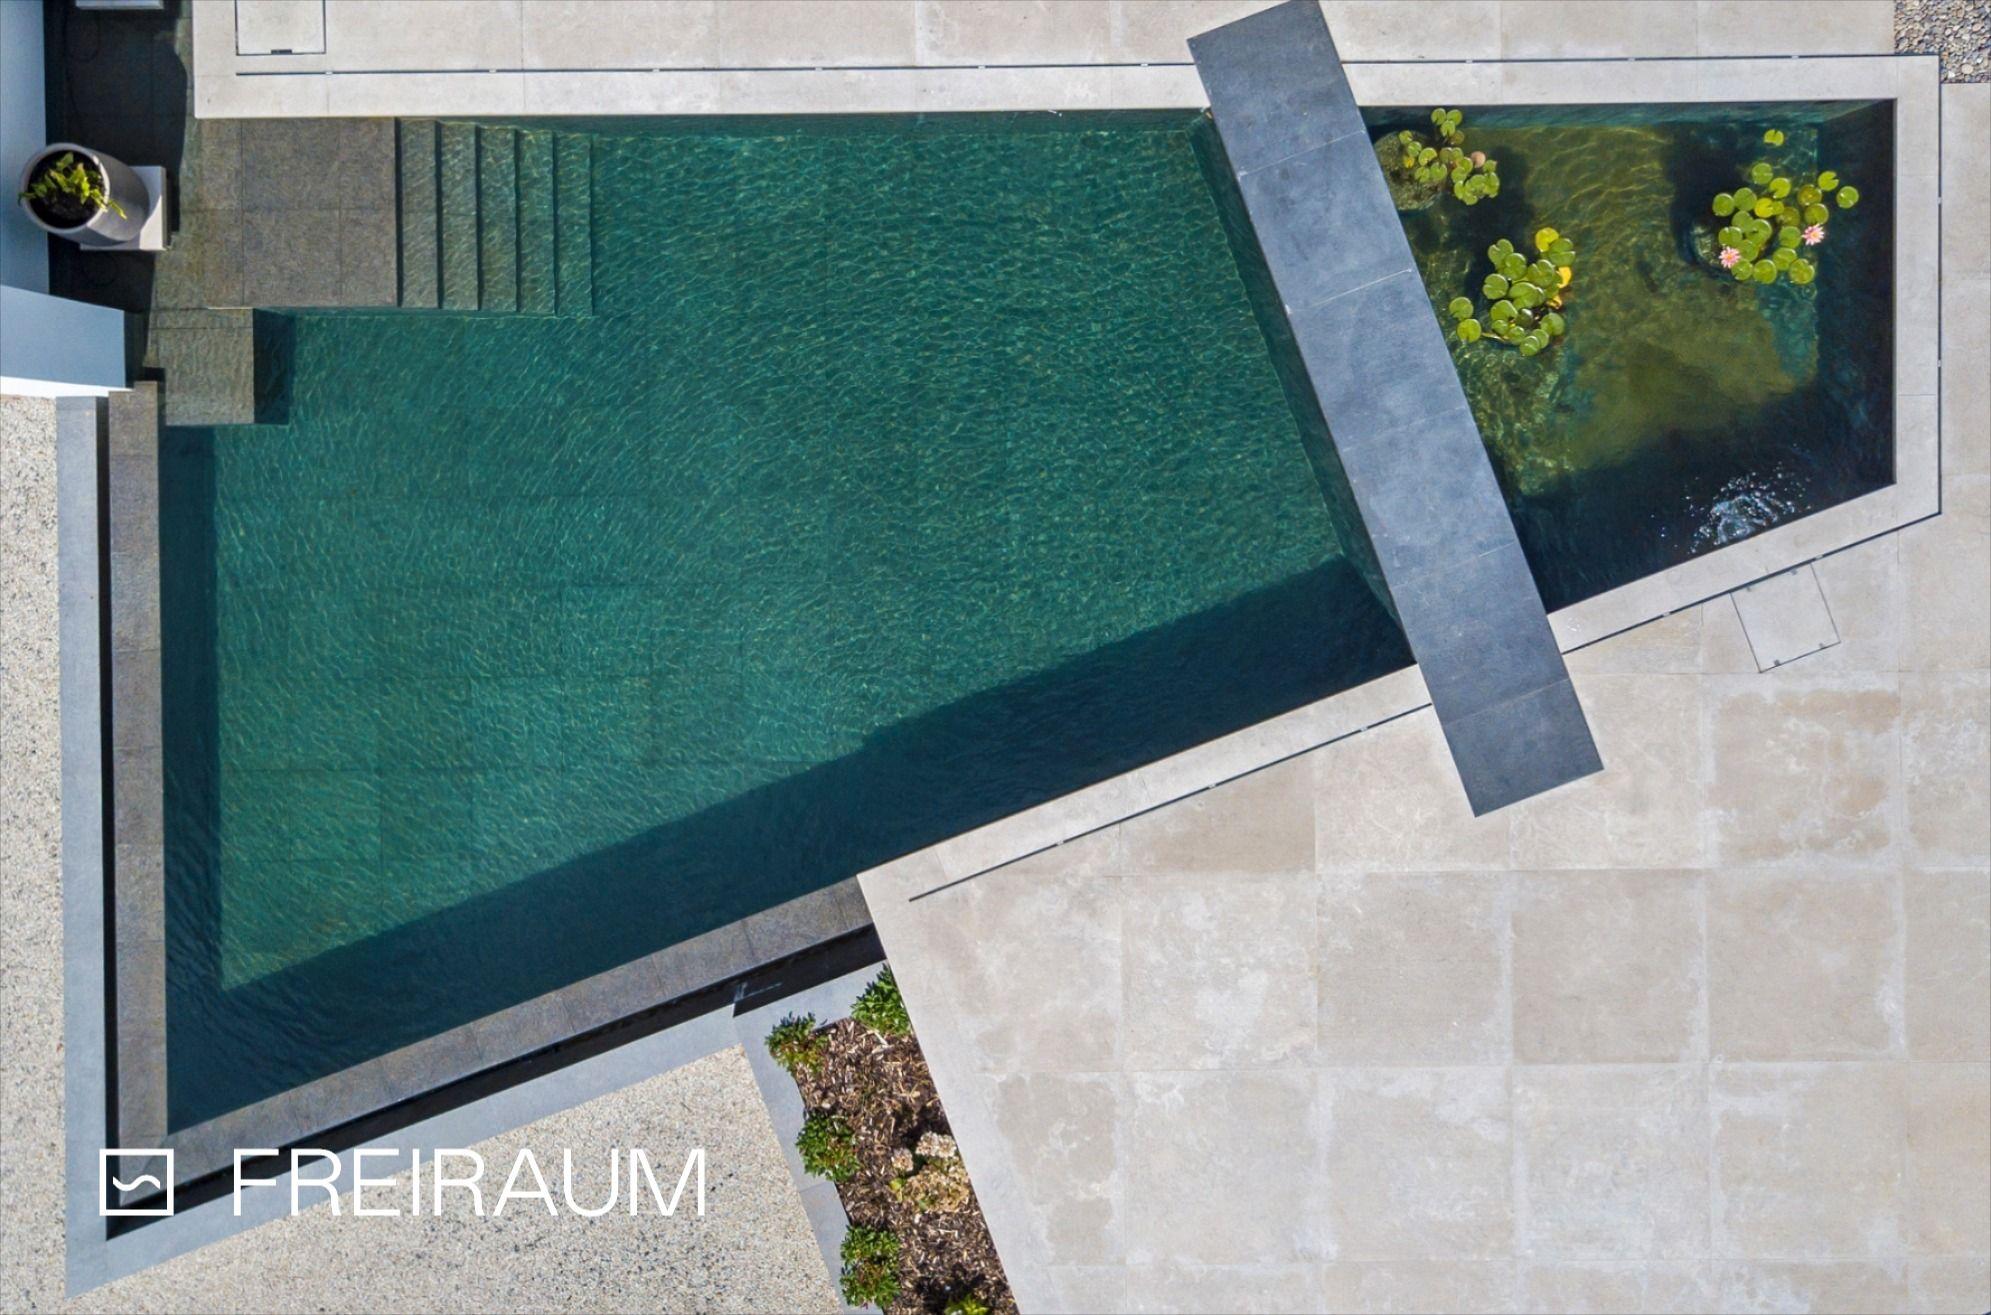 Der Living Pool kann klassisch wie ein Pool 💦 oder mit Pflanzbereich 🌿 realisiert werden. Die Ausstattung umfasst Unterwasserbeleuchtung, Wasserspeier, Gegenstromanlage und viel mehr. #biotop #livingpool #naturpool #biopool #swimmingpond #schwimmteich #naturteich #wasserimgarten #pooldesign #poolaccessories #poolgestaltung #gartendesign #schwimmen #nochemicals #naturnah #sustainableliving #nachhaltig #ressourcenschonen #garten #outdoorliving #swimming